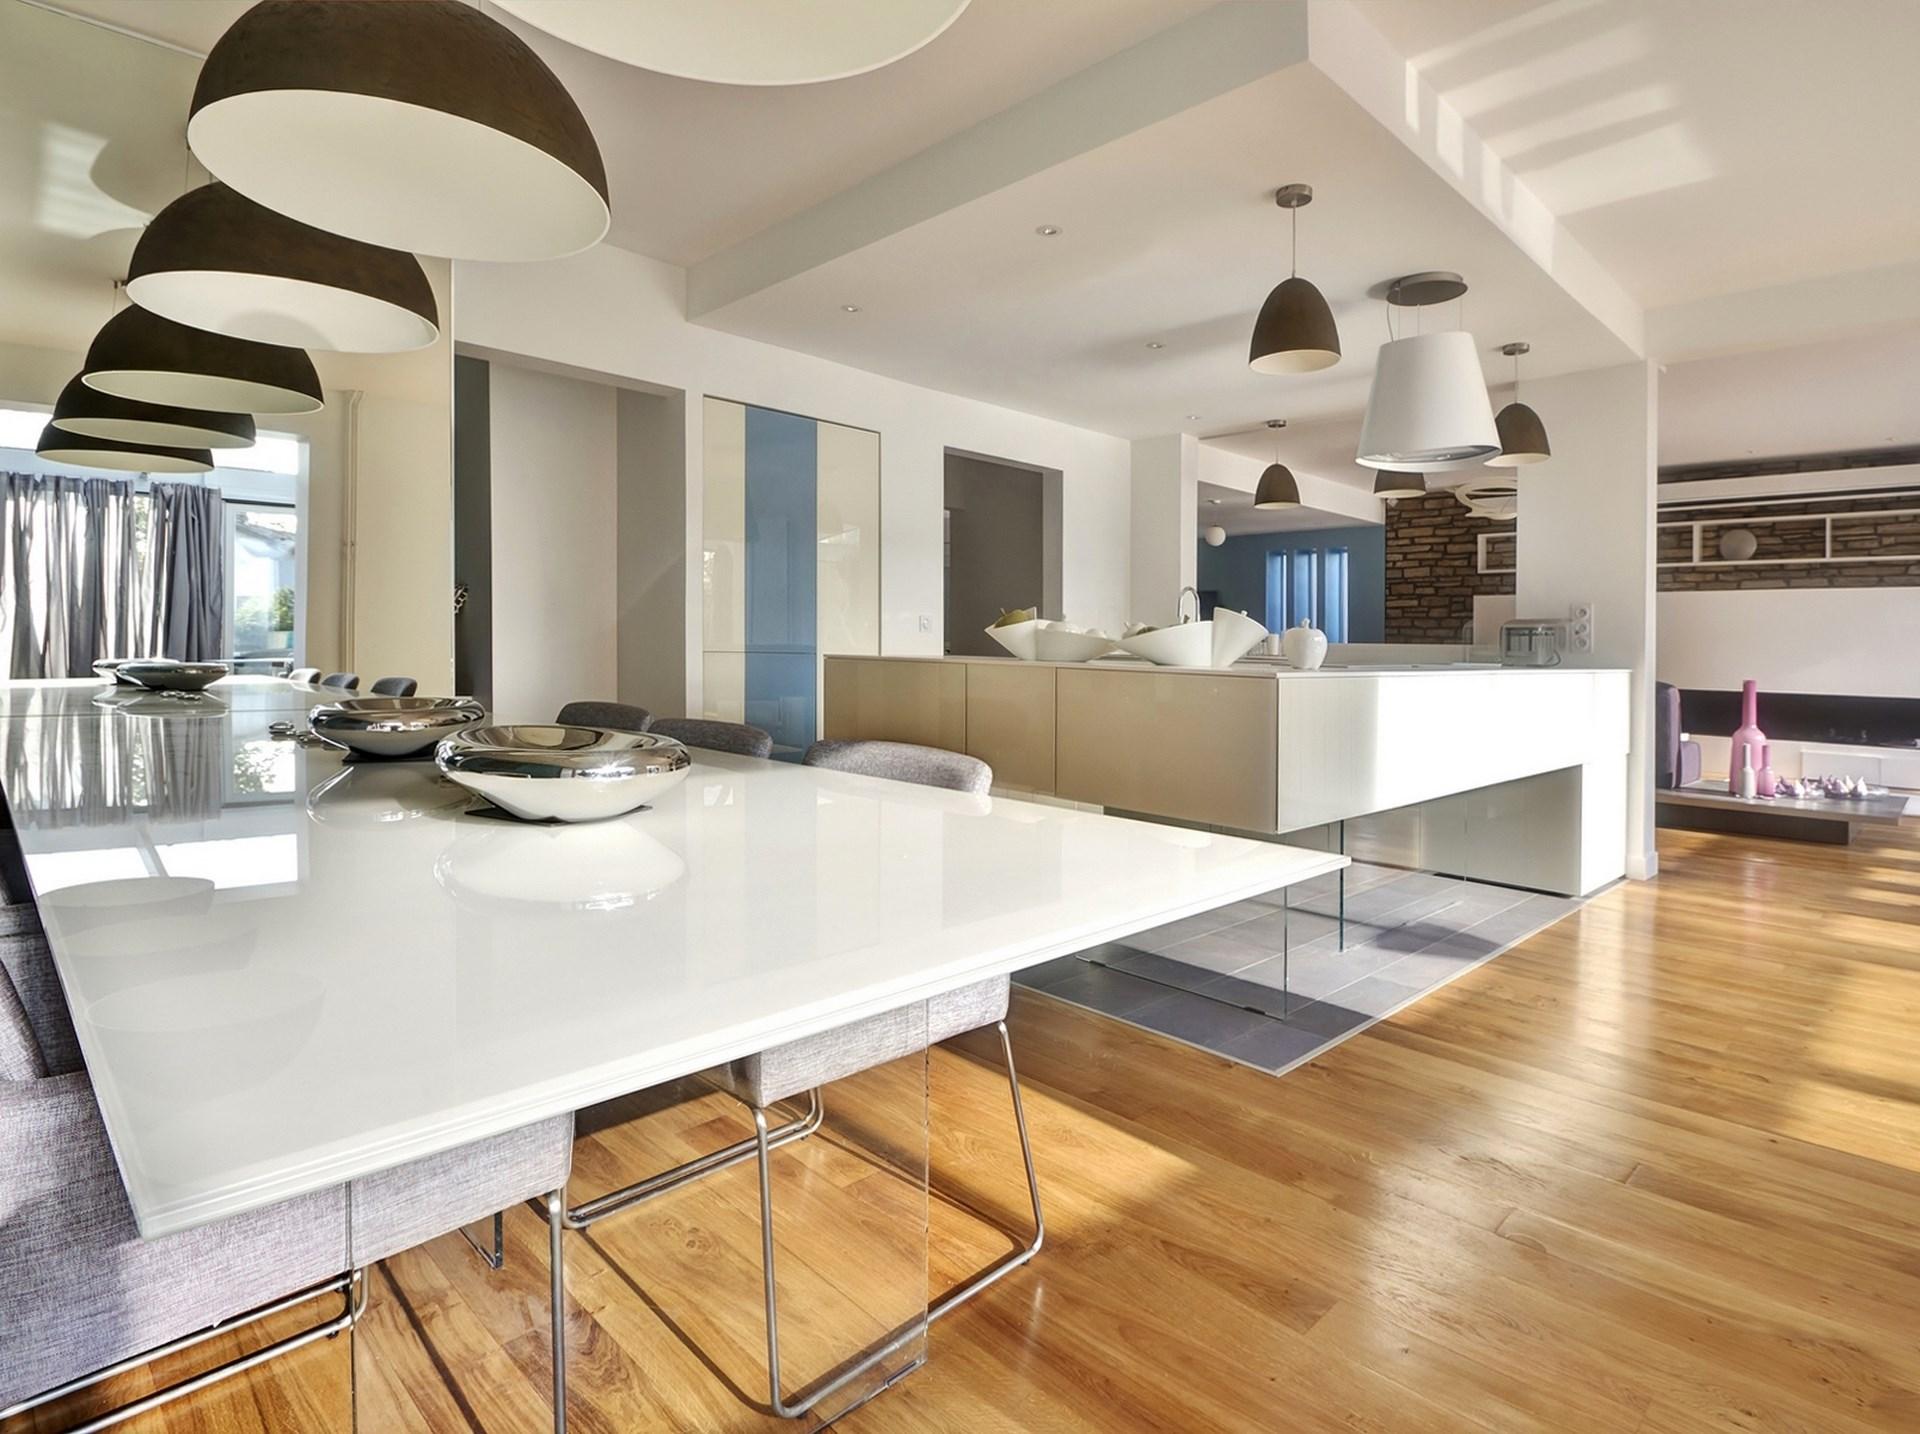 maison renovation luxe cuisine lago table verre blanc laque parquet corian agence avous